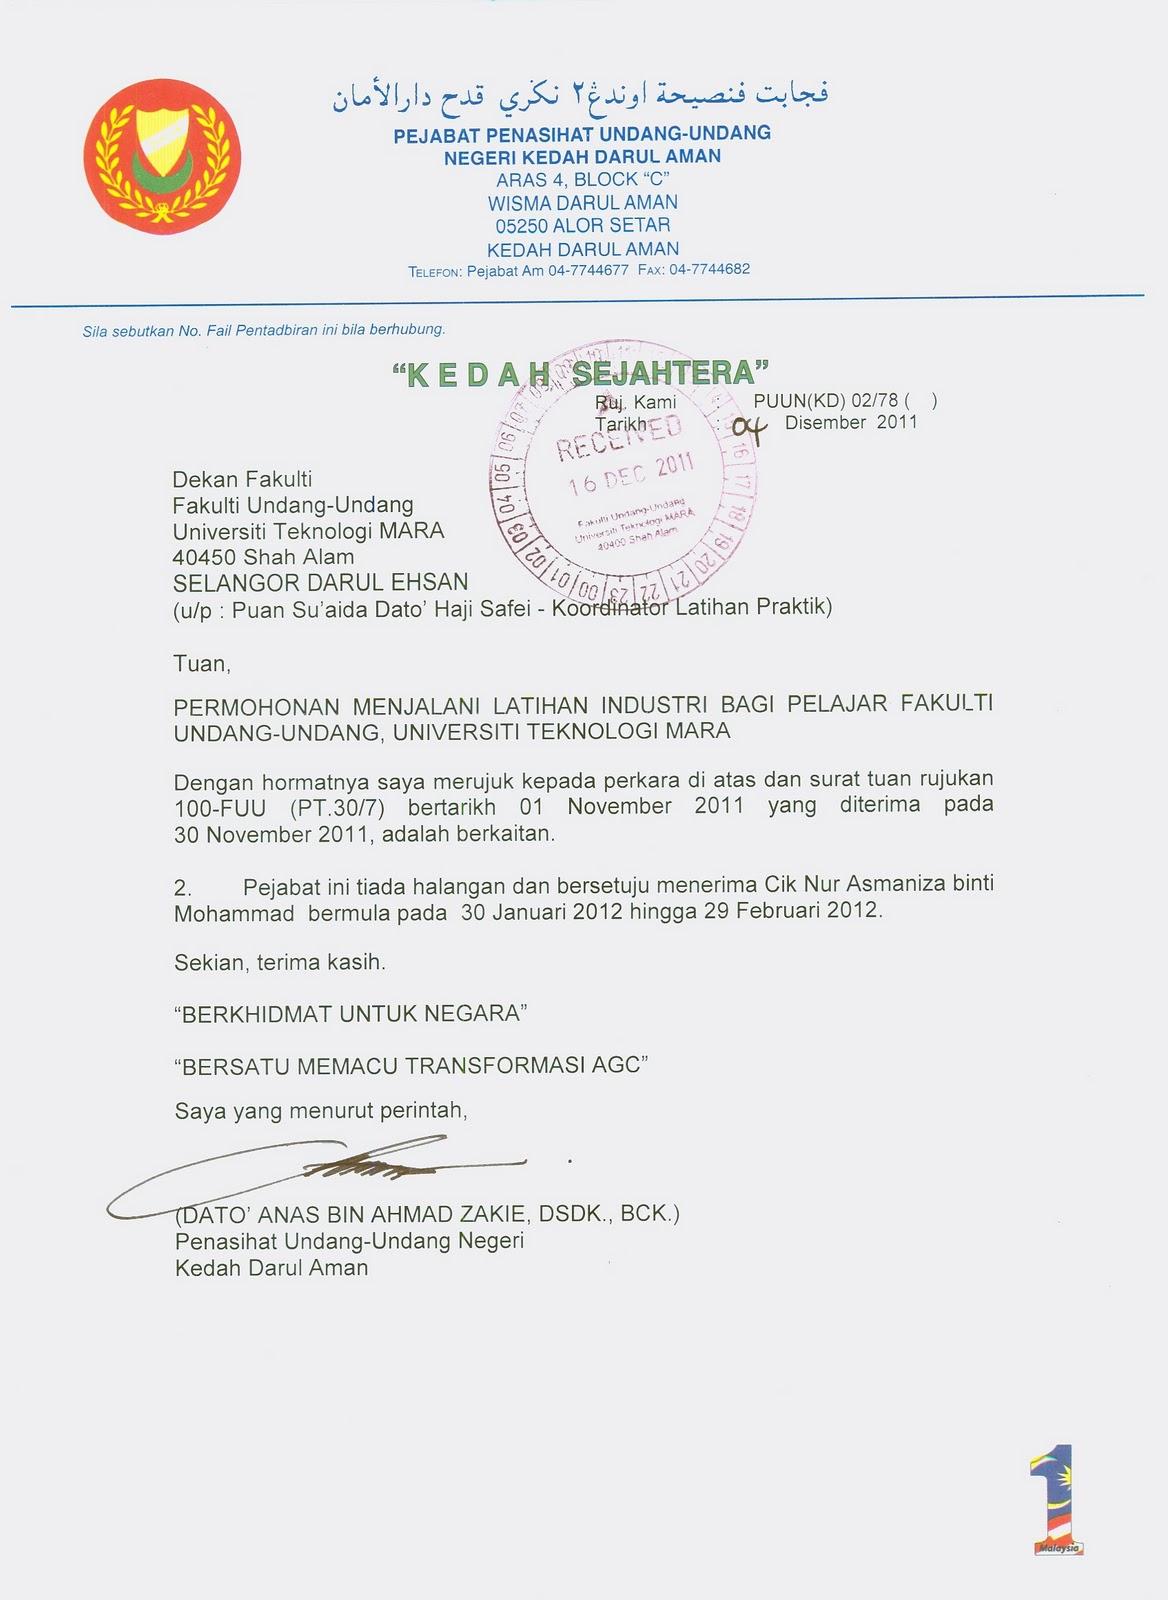 Penasihat Undang Undang Negeri Kedah